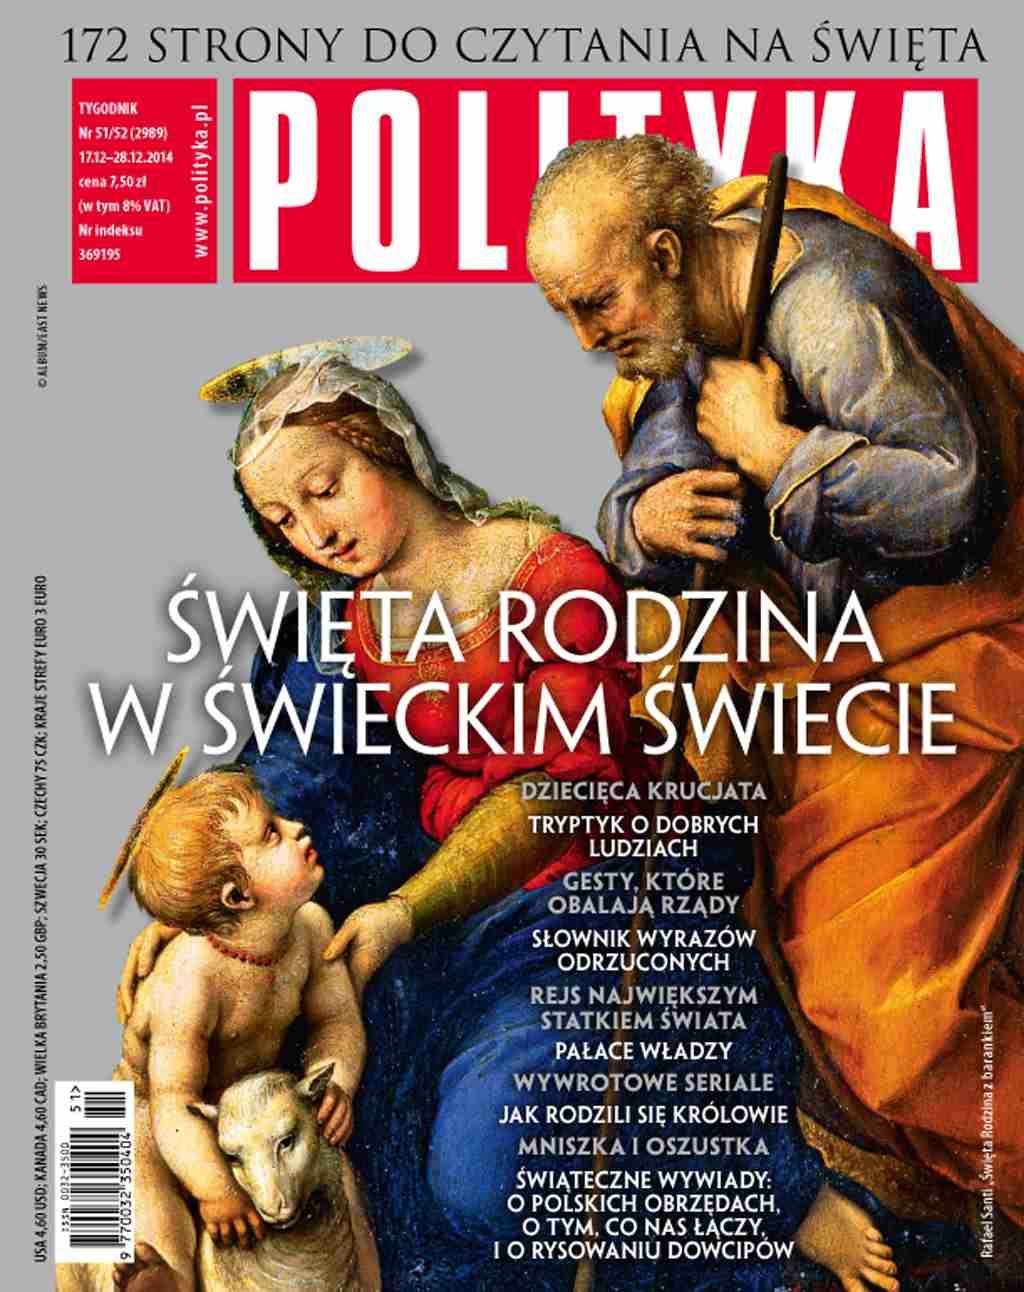 Polityka nr 51/52/2014 - Ebook (Książka PDF) do pobrania w formacie PDF